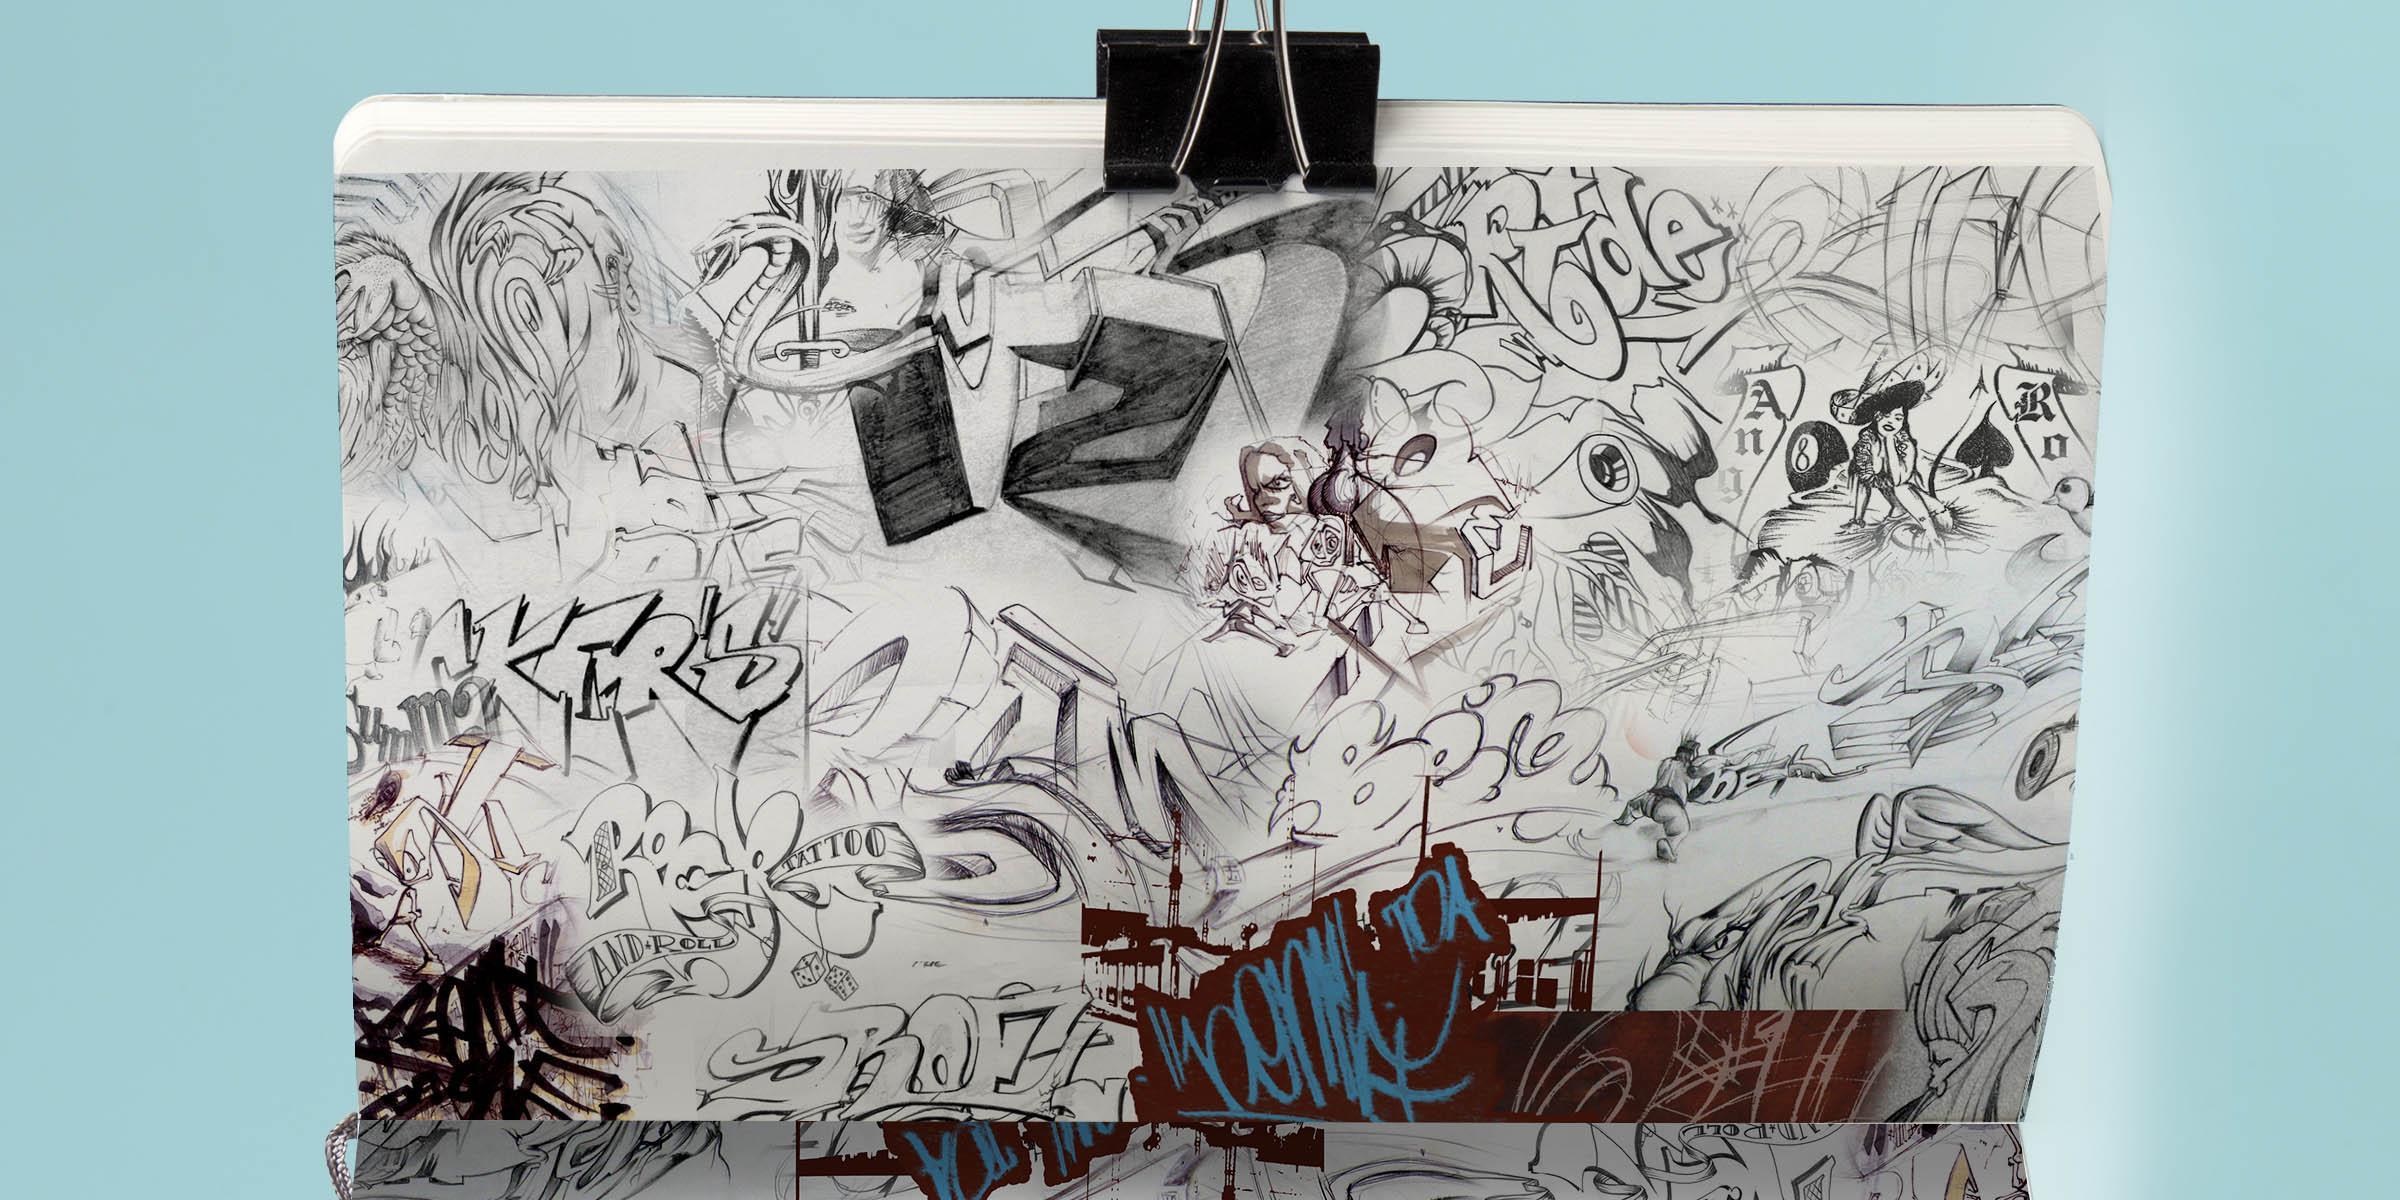 4 art artist street art illustrator gregor fenger art street acryl jakarta fair scribble graffiti